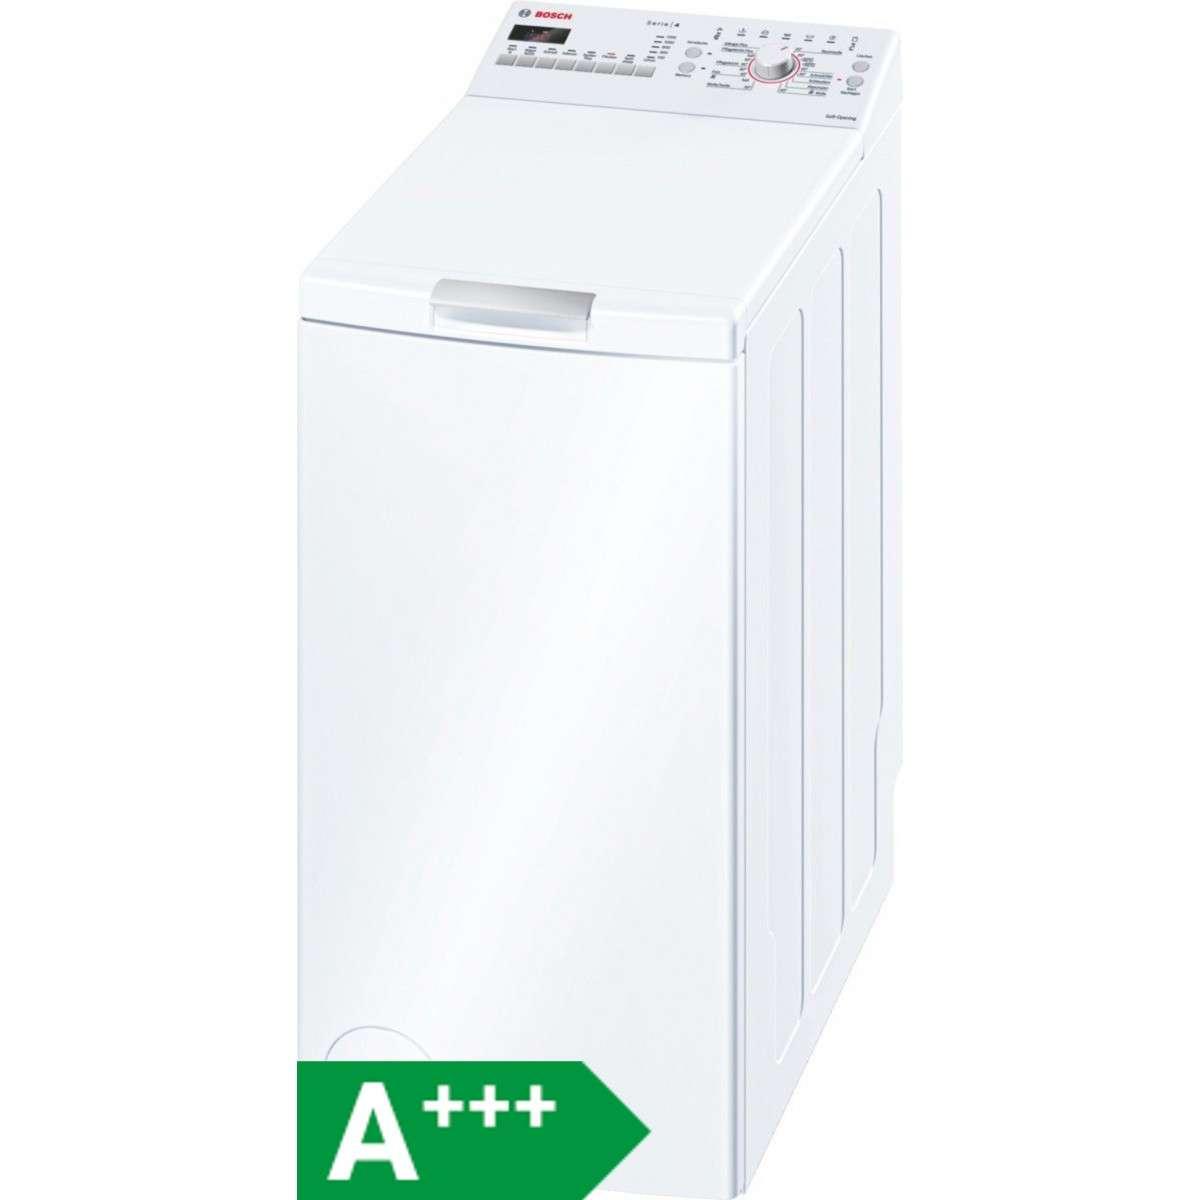 Waschmaschinen & Elektro Großgeräte - Neu und Gebraucht